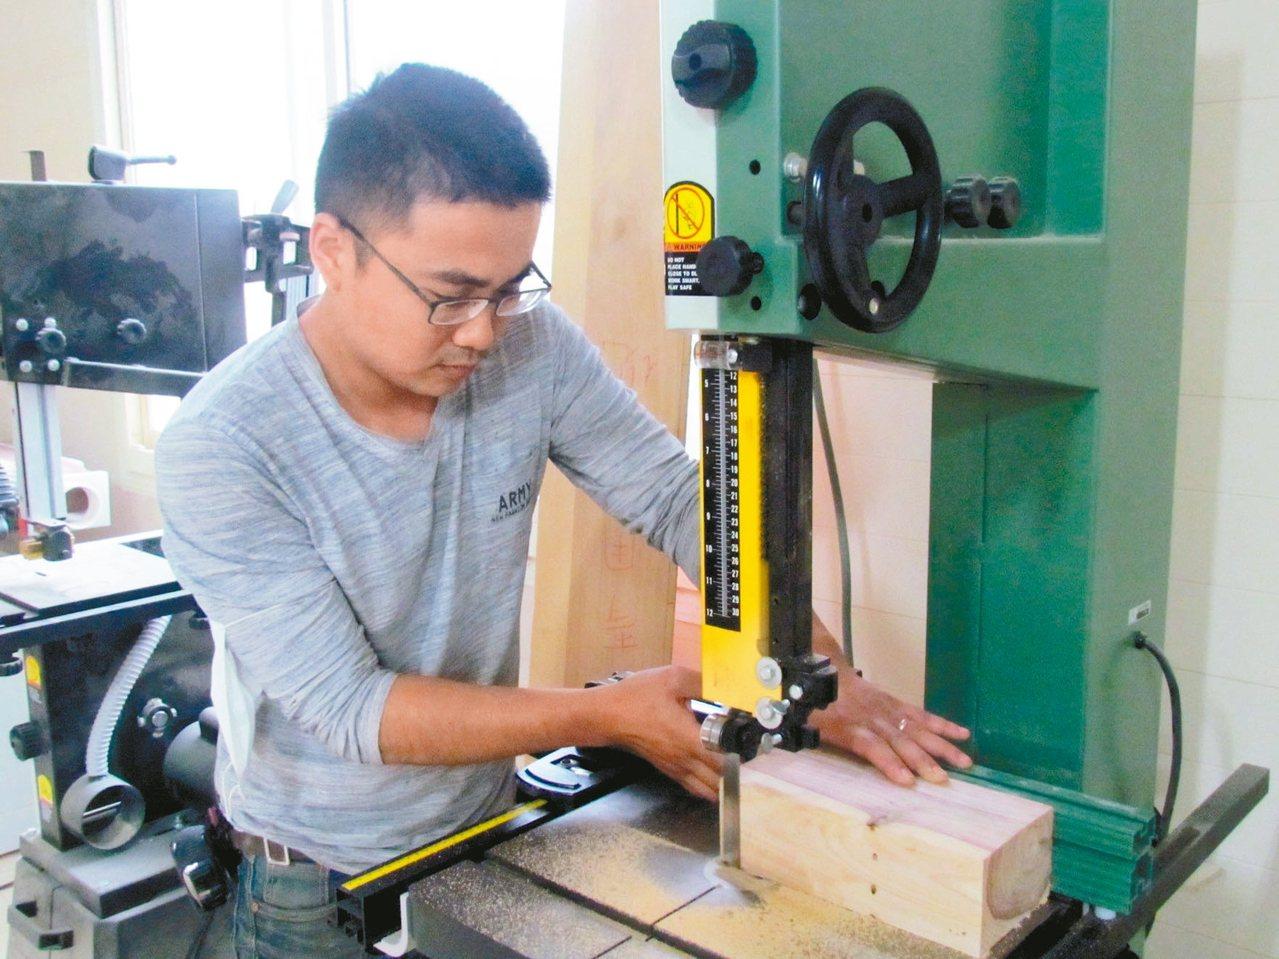 木工老師洪子晧說,現代化的木工機器很好用,學木工已不是難事。 記者張家樂/攝影